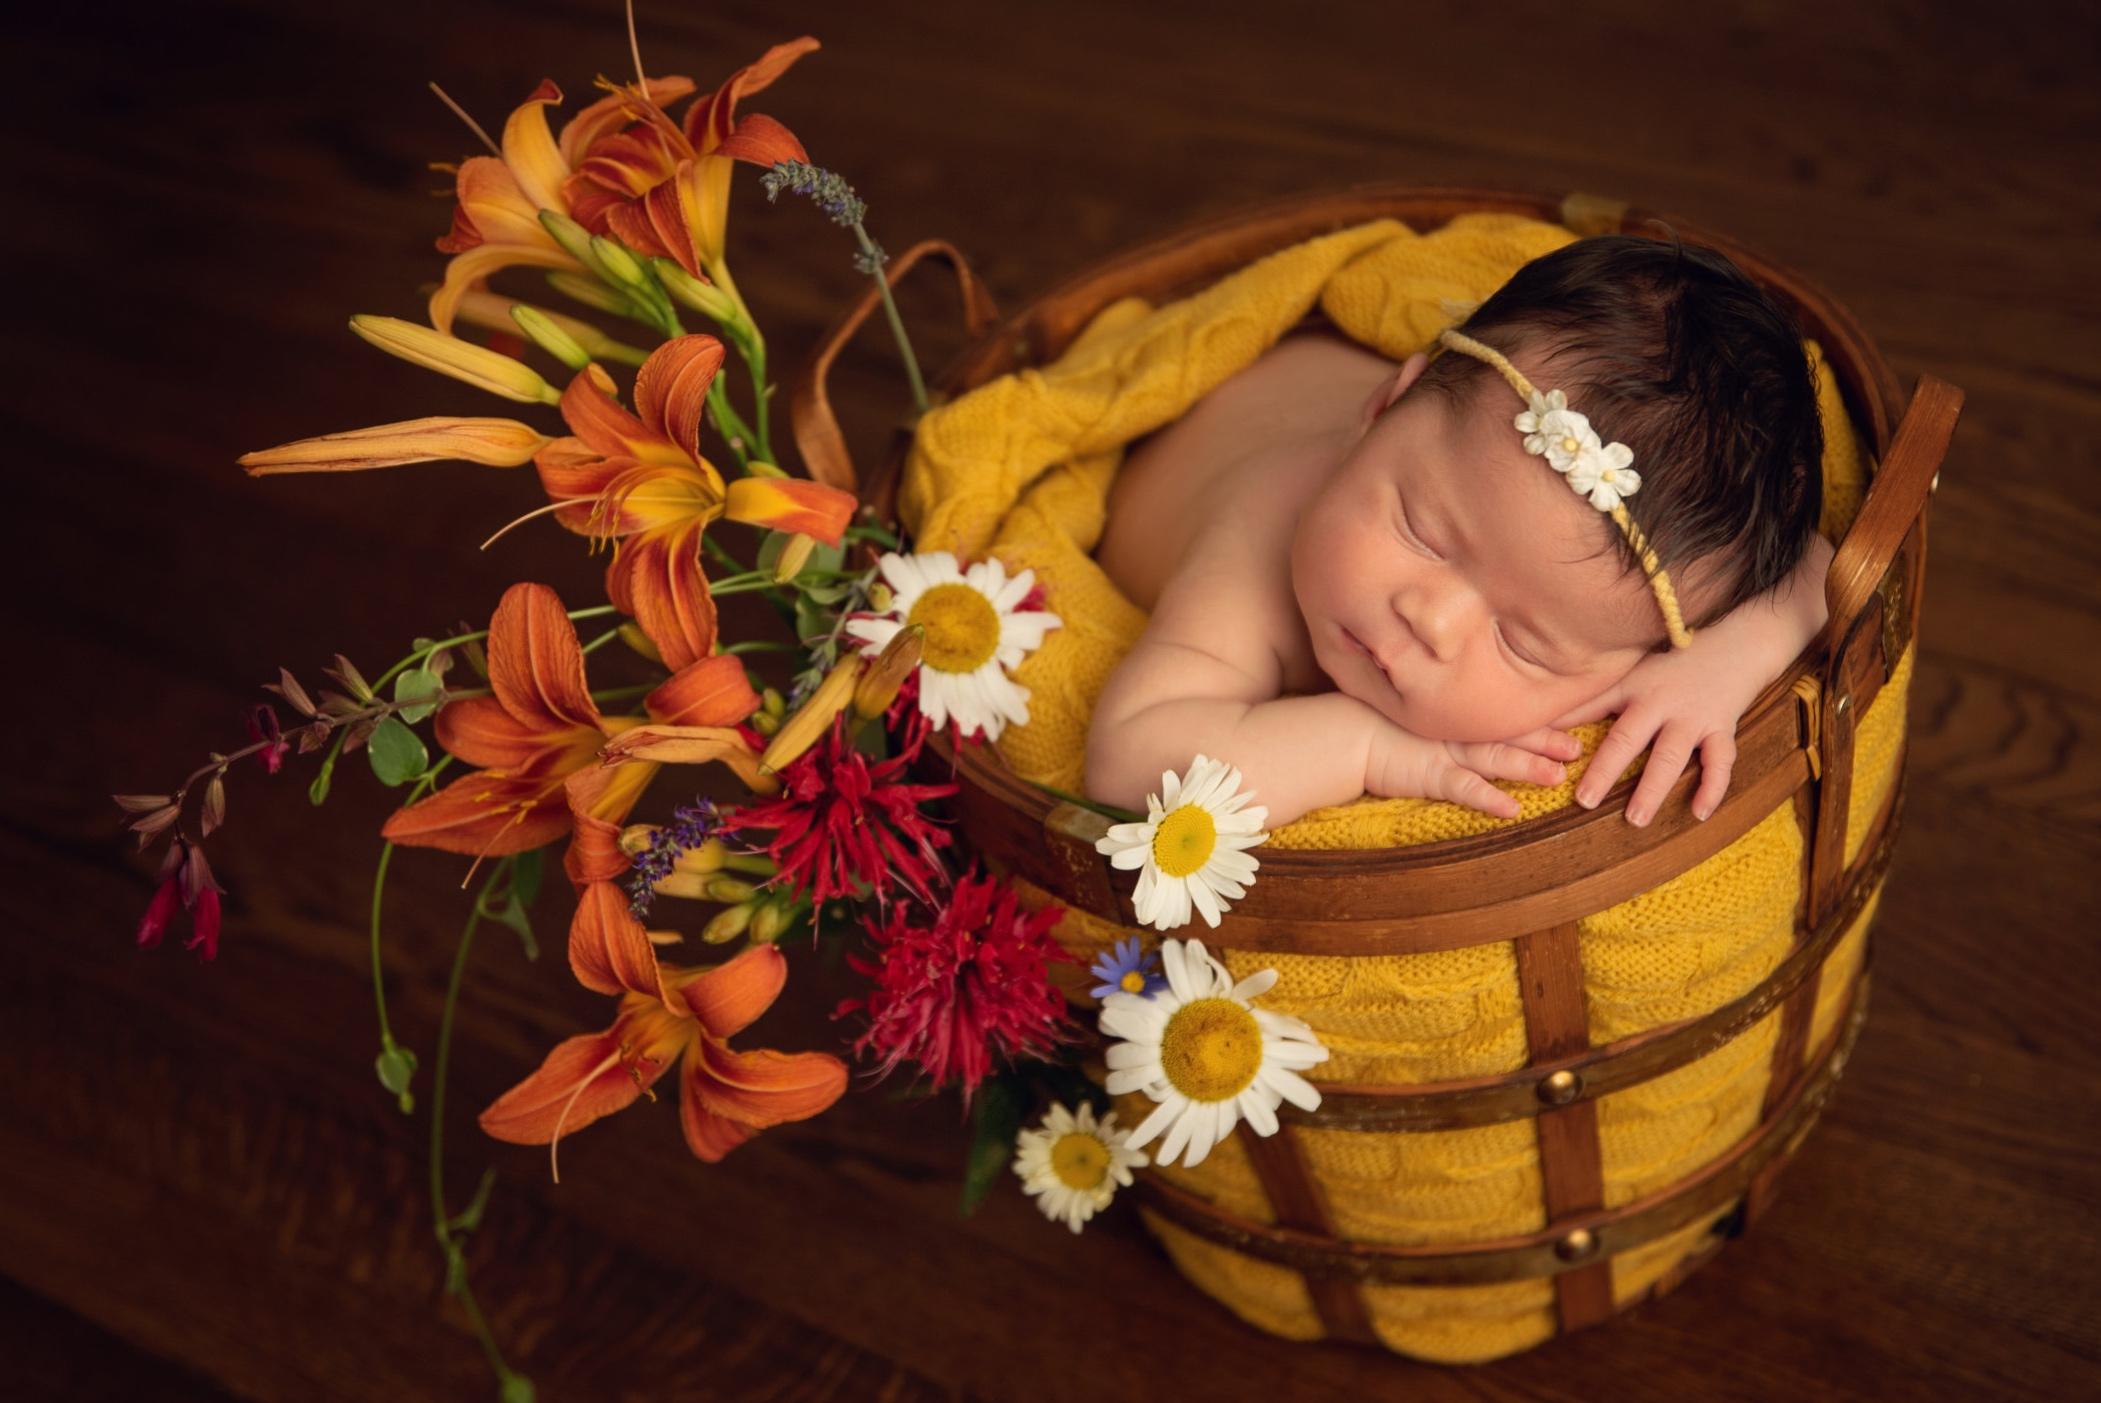 Baby #400 - 10 years, 400 newborns later